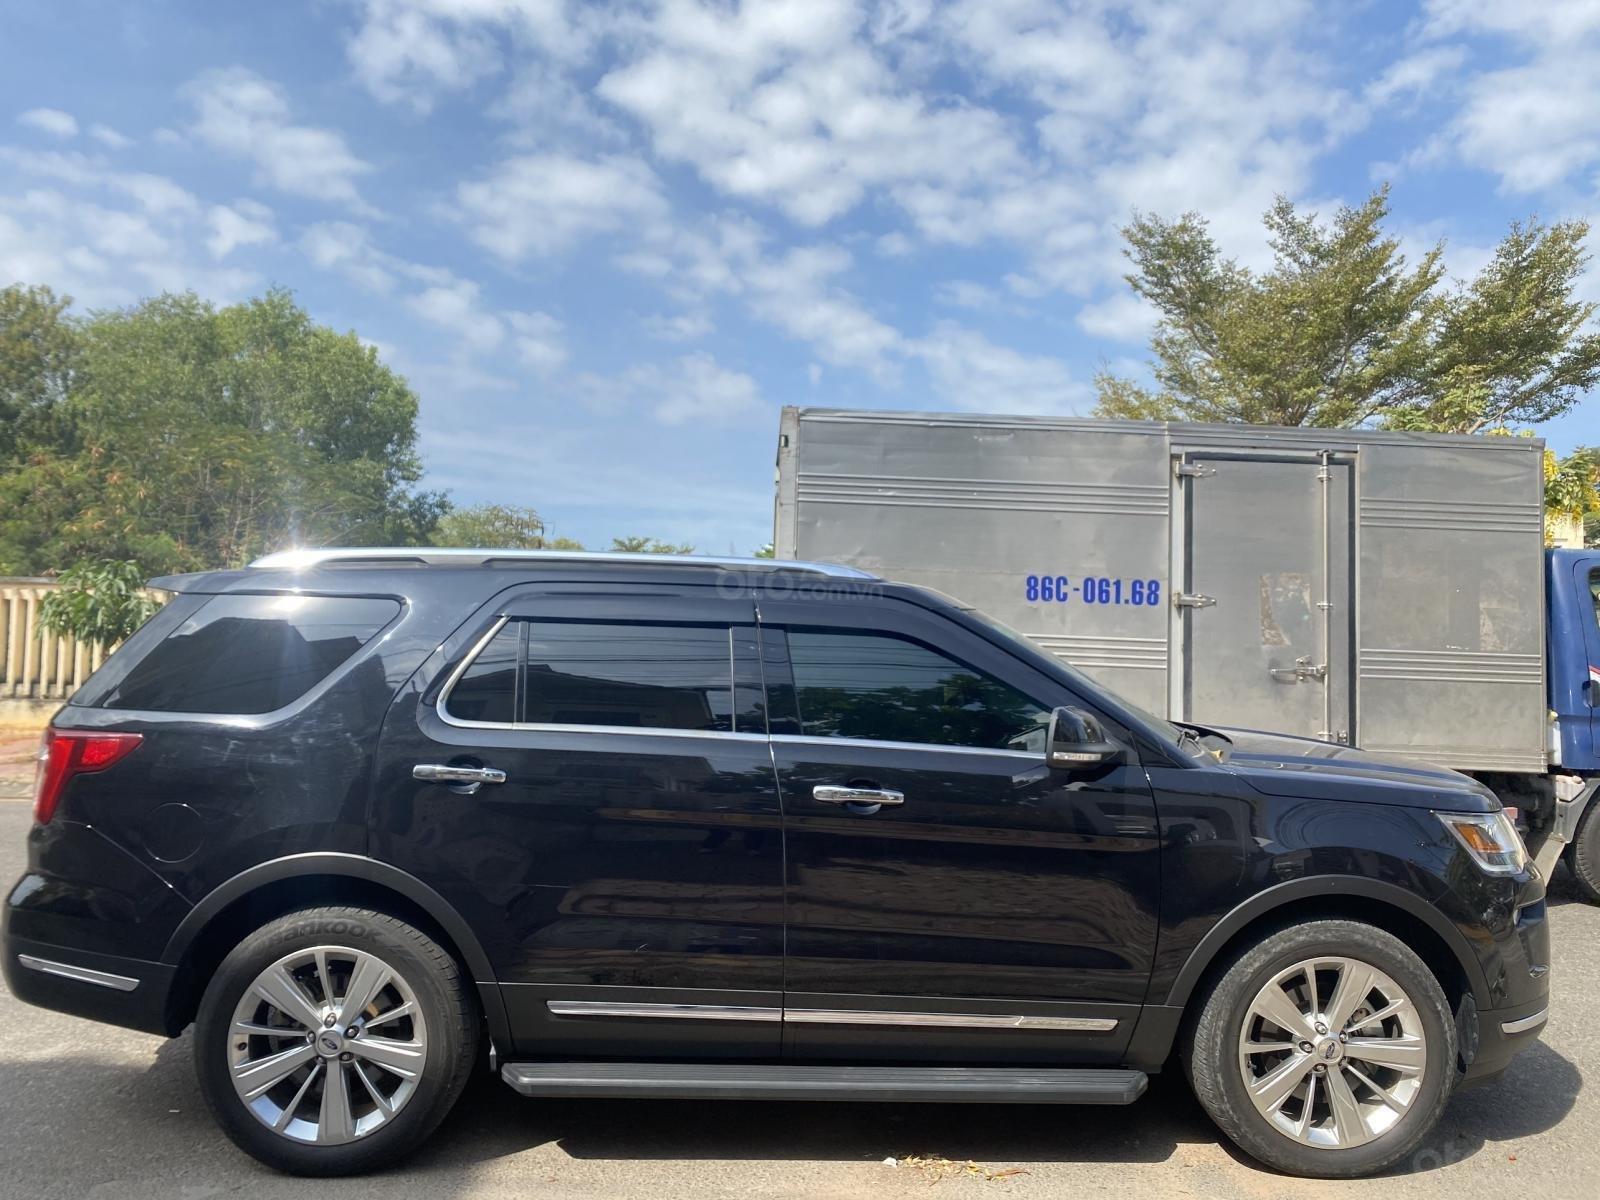 Cần bán xe Explorer 2018, nhập USA, siêu đẹp (3)